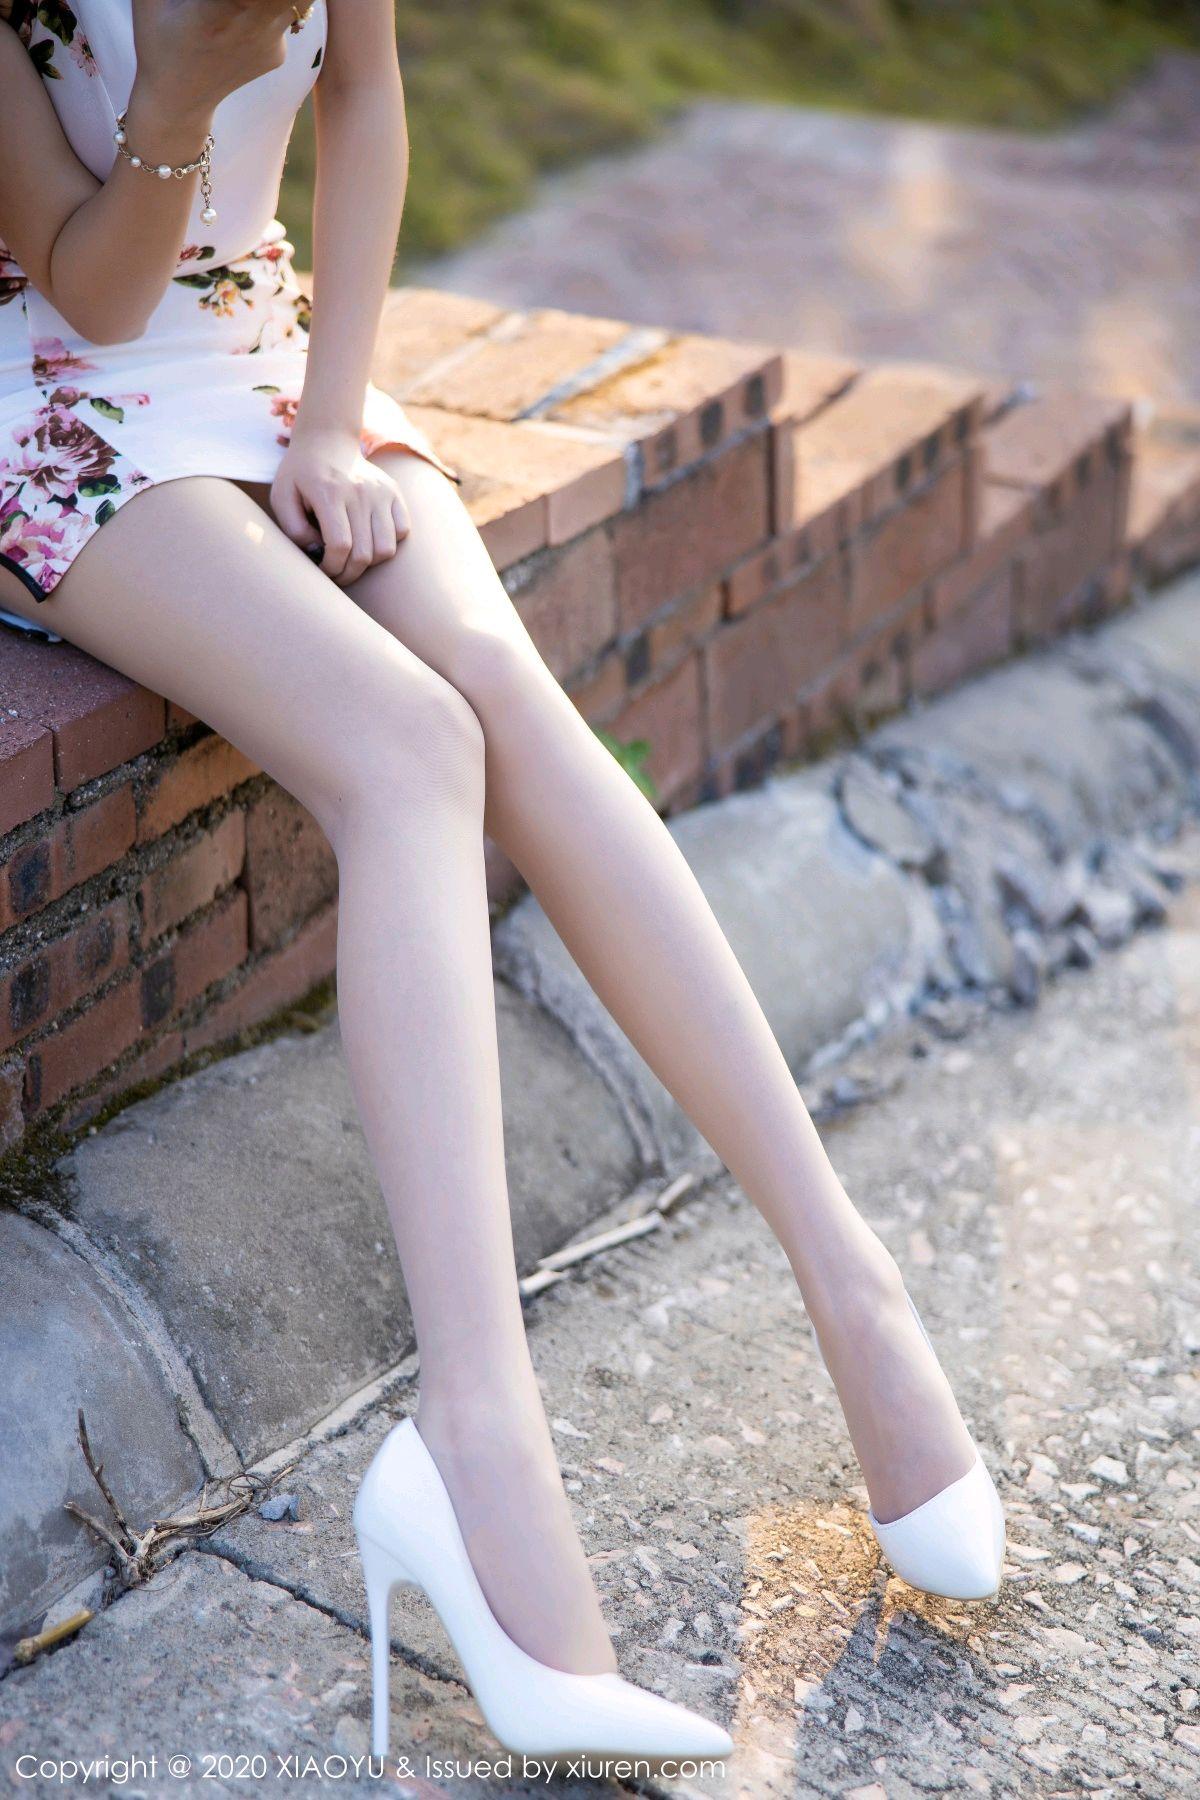 [XiaoYu] Vol.233 Yang Chen Chen 12P, Cheongsam, Foot, XiaoYu, Yang Chen Chen